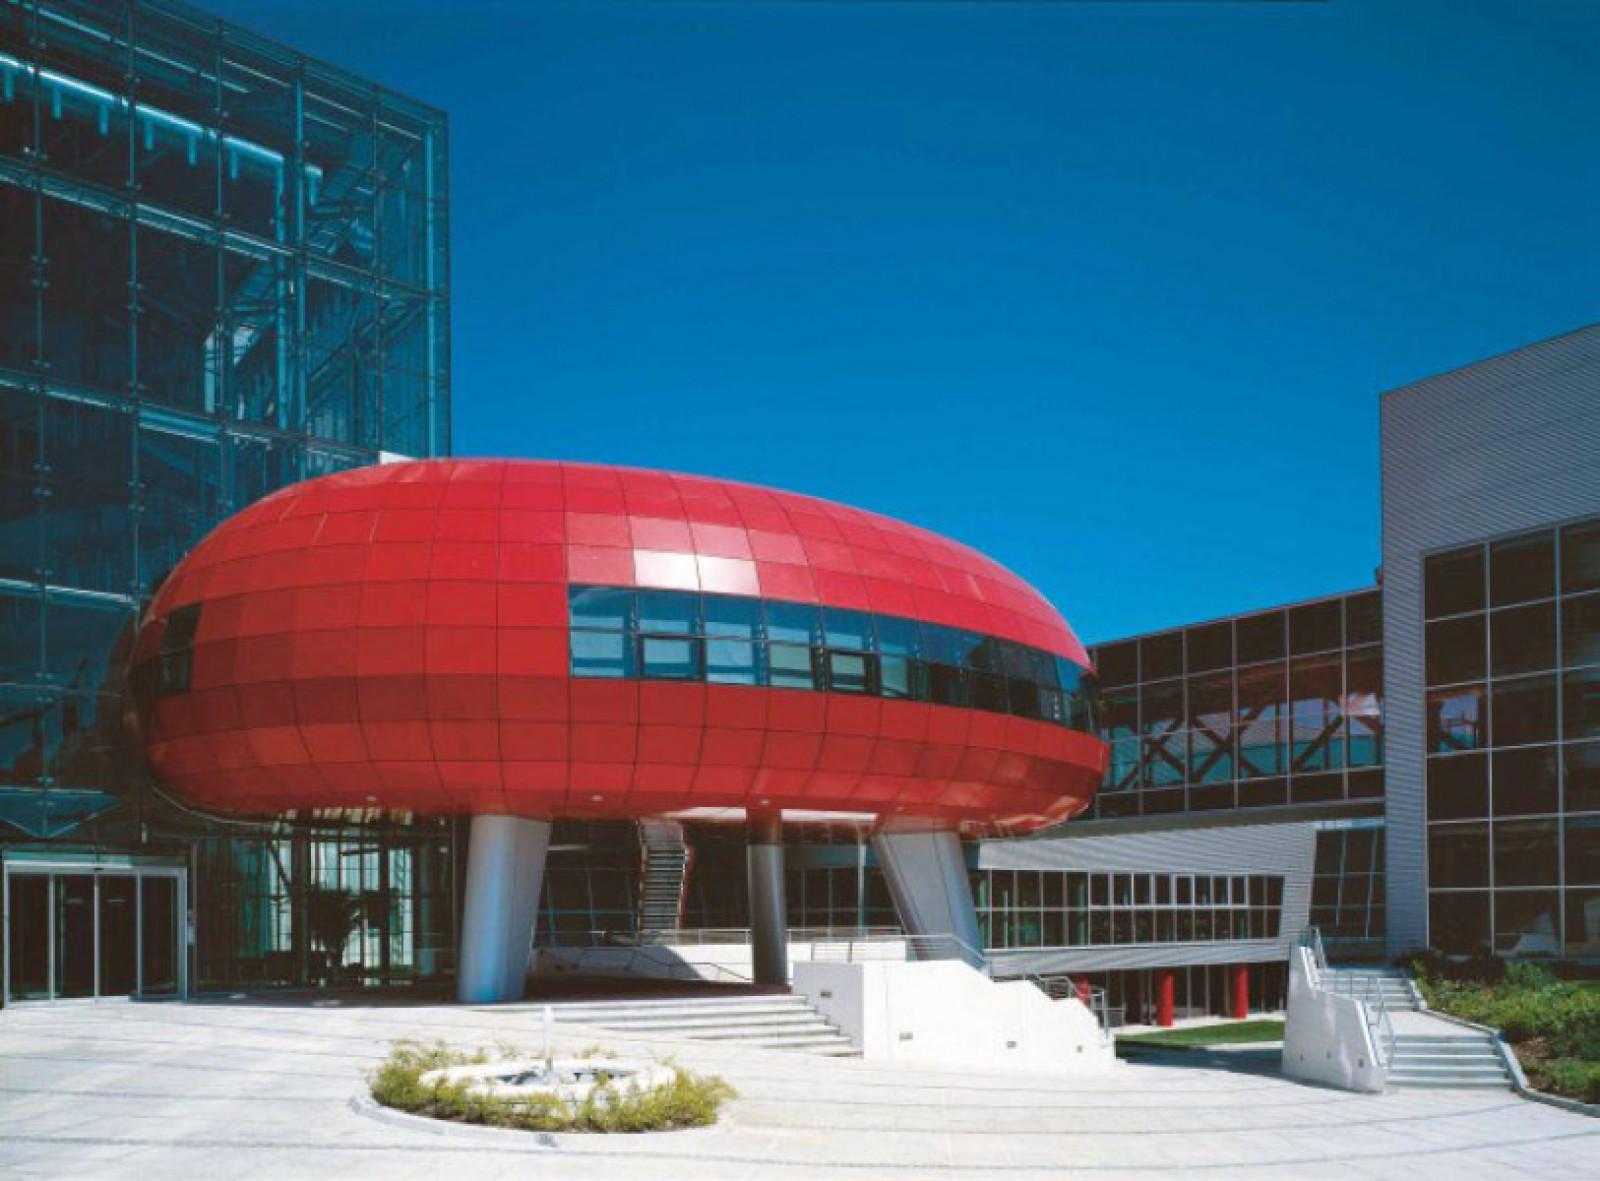 Galerija kompanije Wurth u Austriji